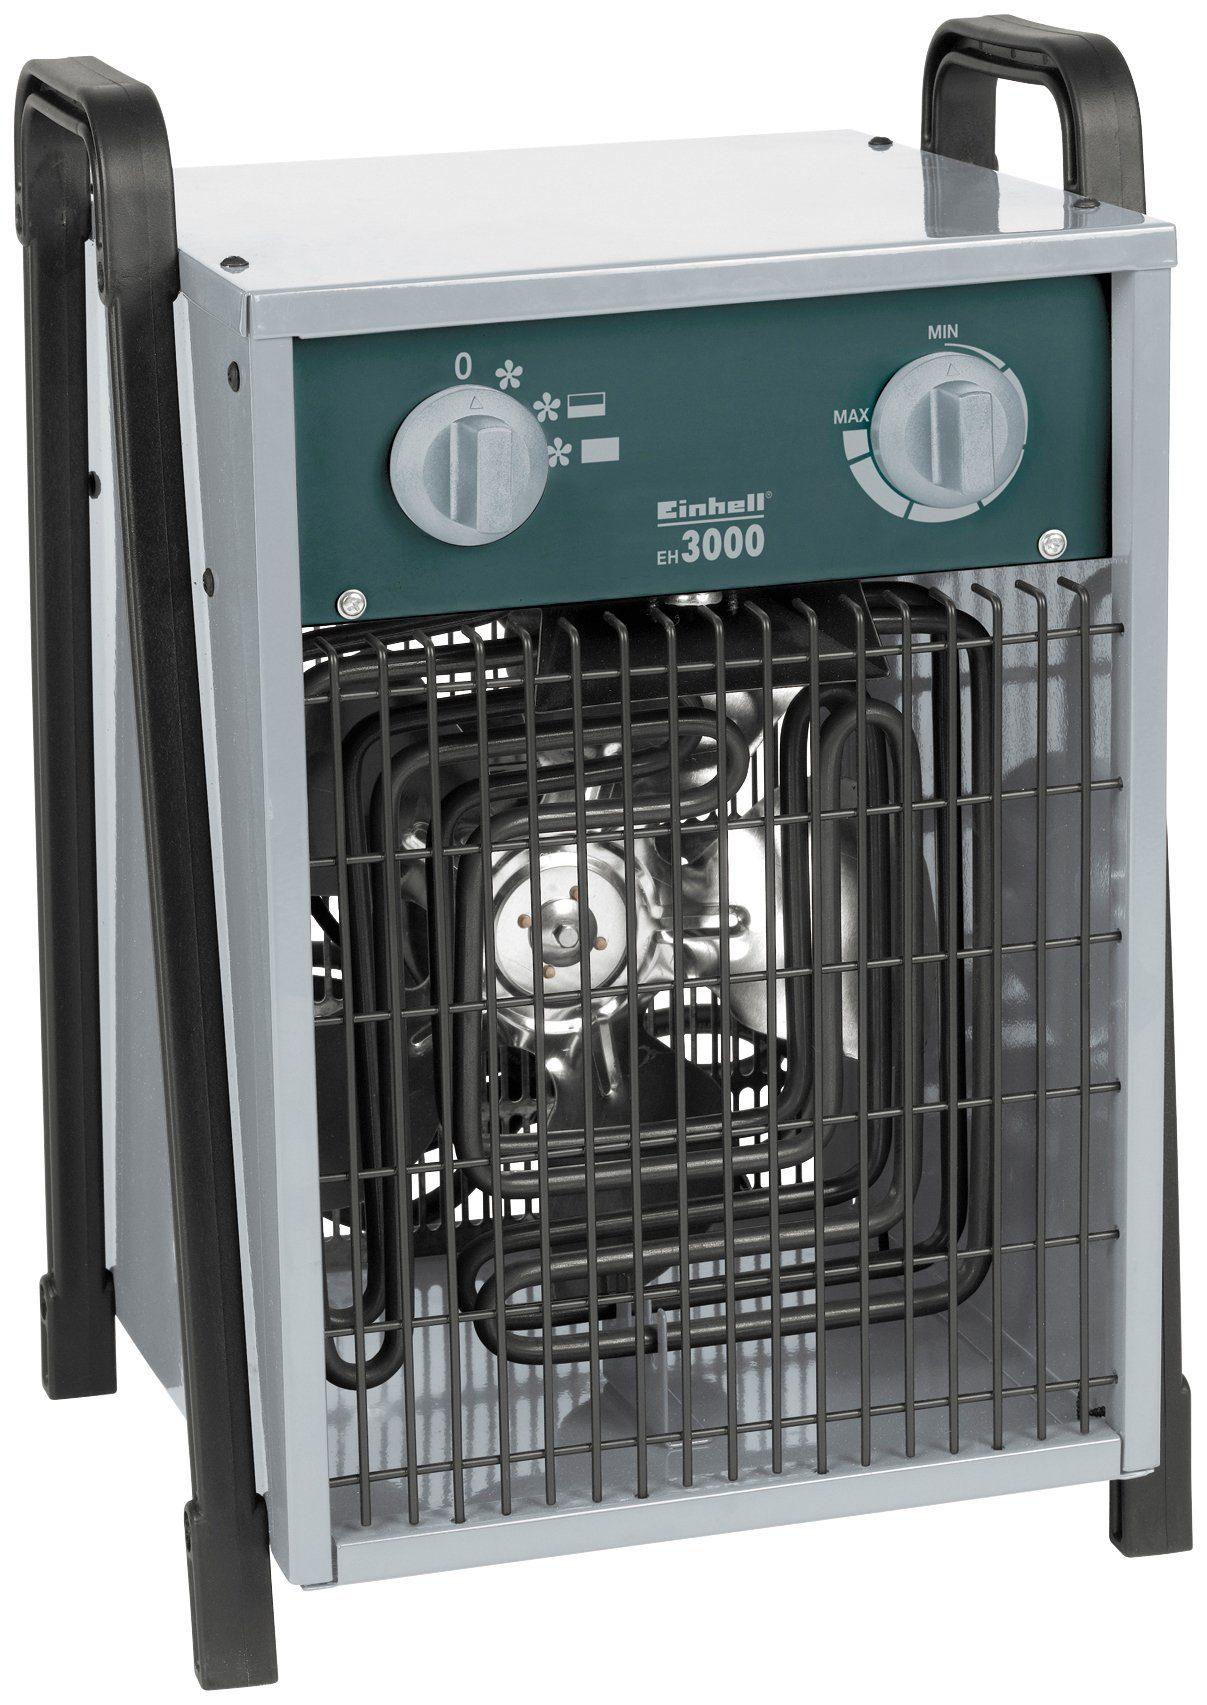 EINHELL Industrie-Heizgebläse »EH 3000 Elektro-Heizer«